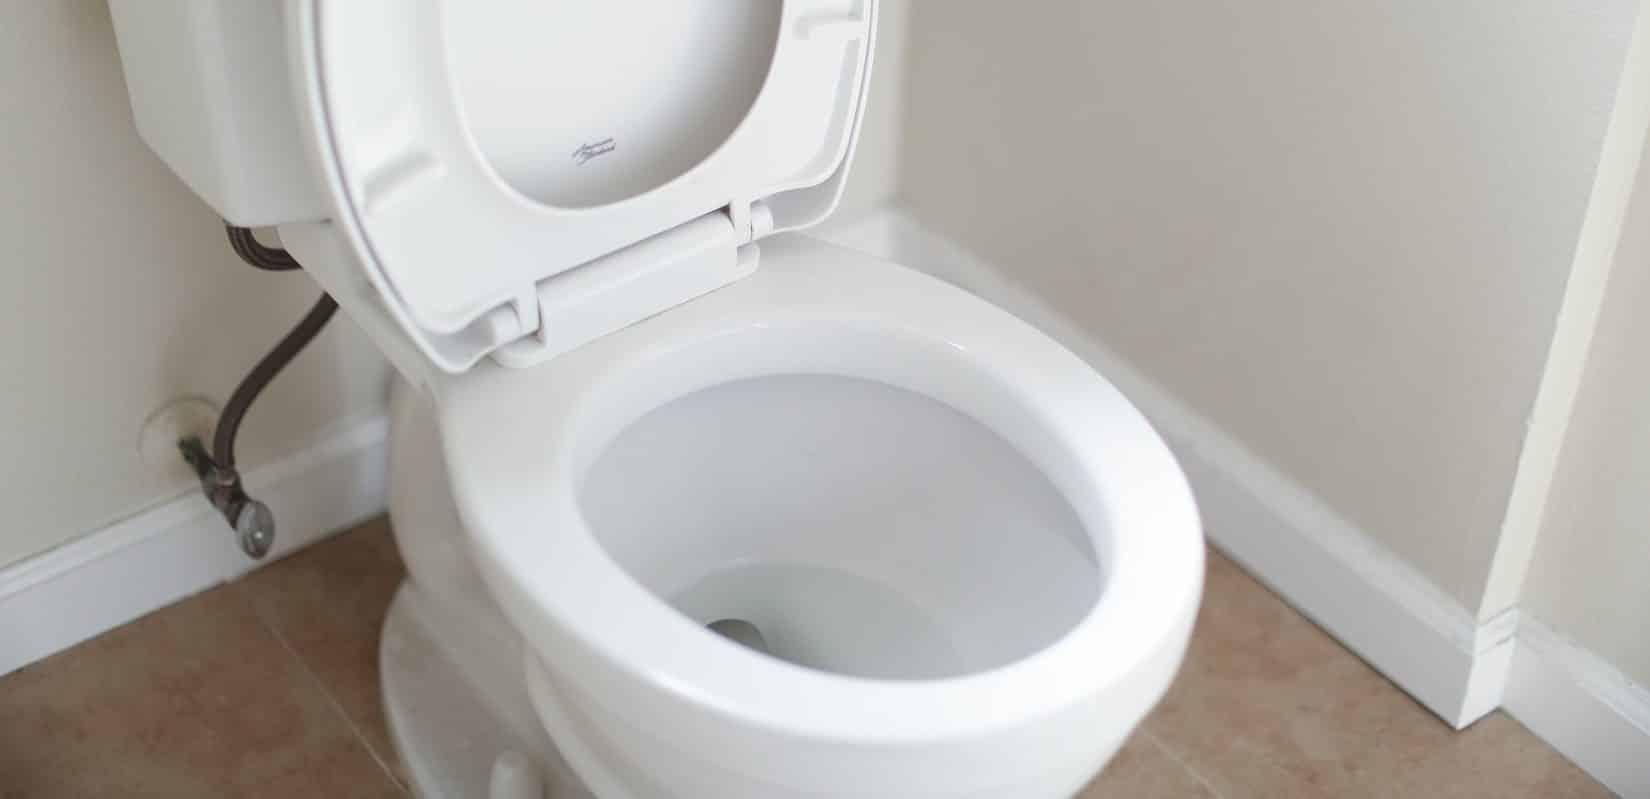 Toilette reinigen Anleitung